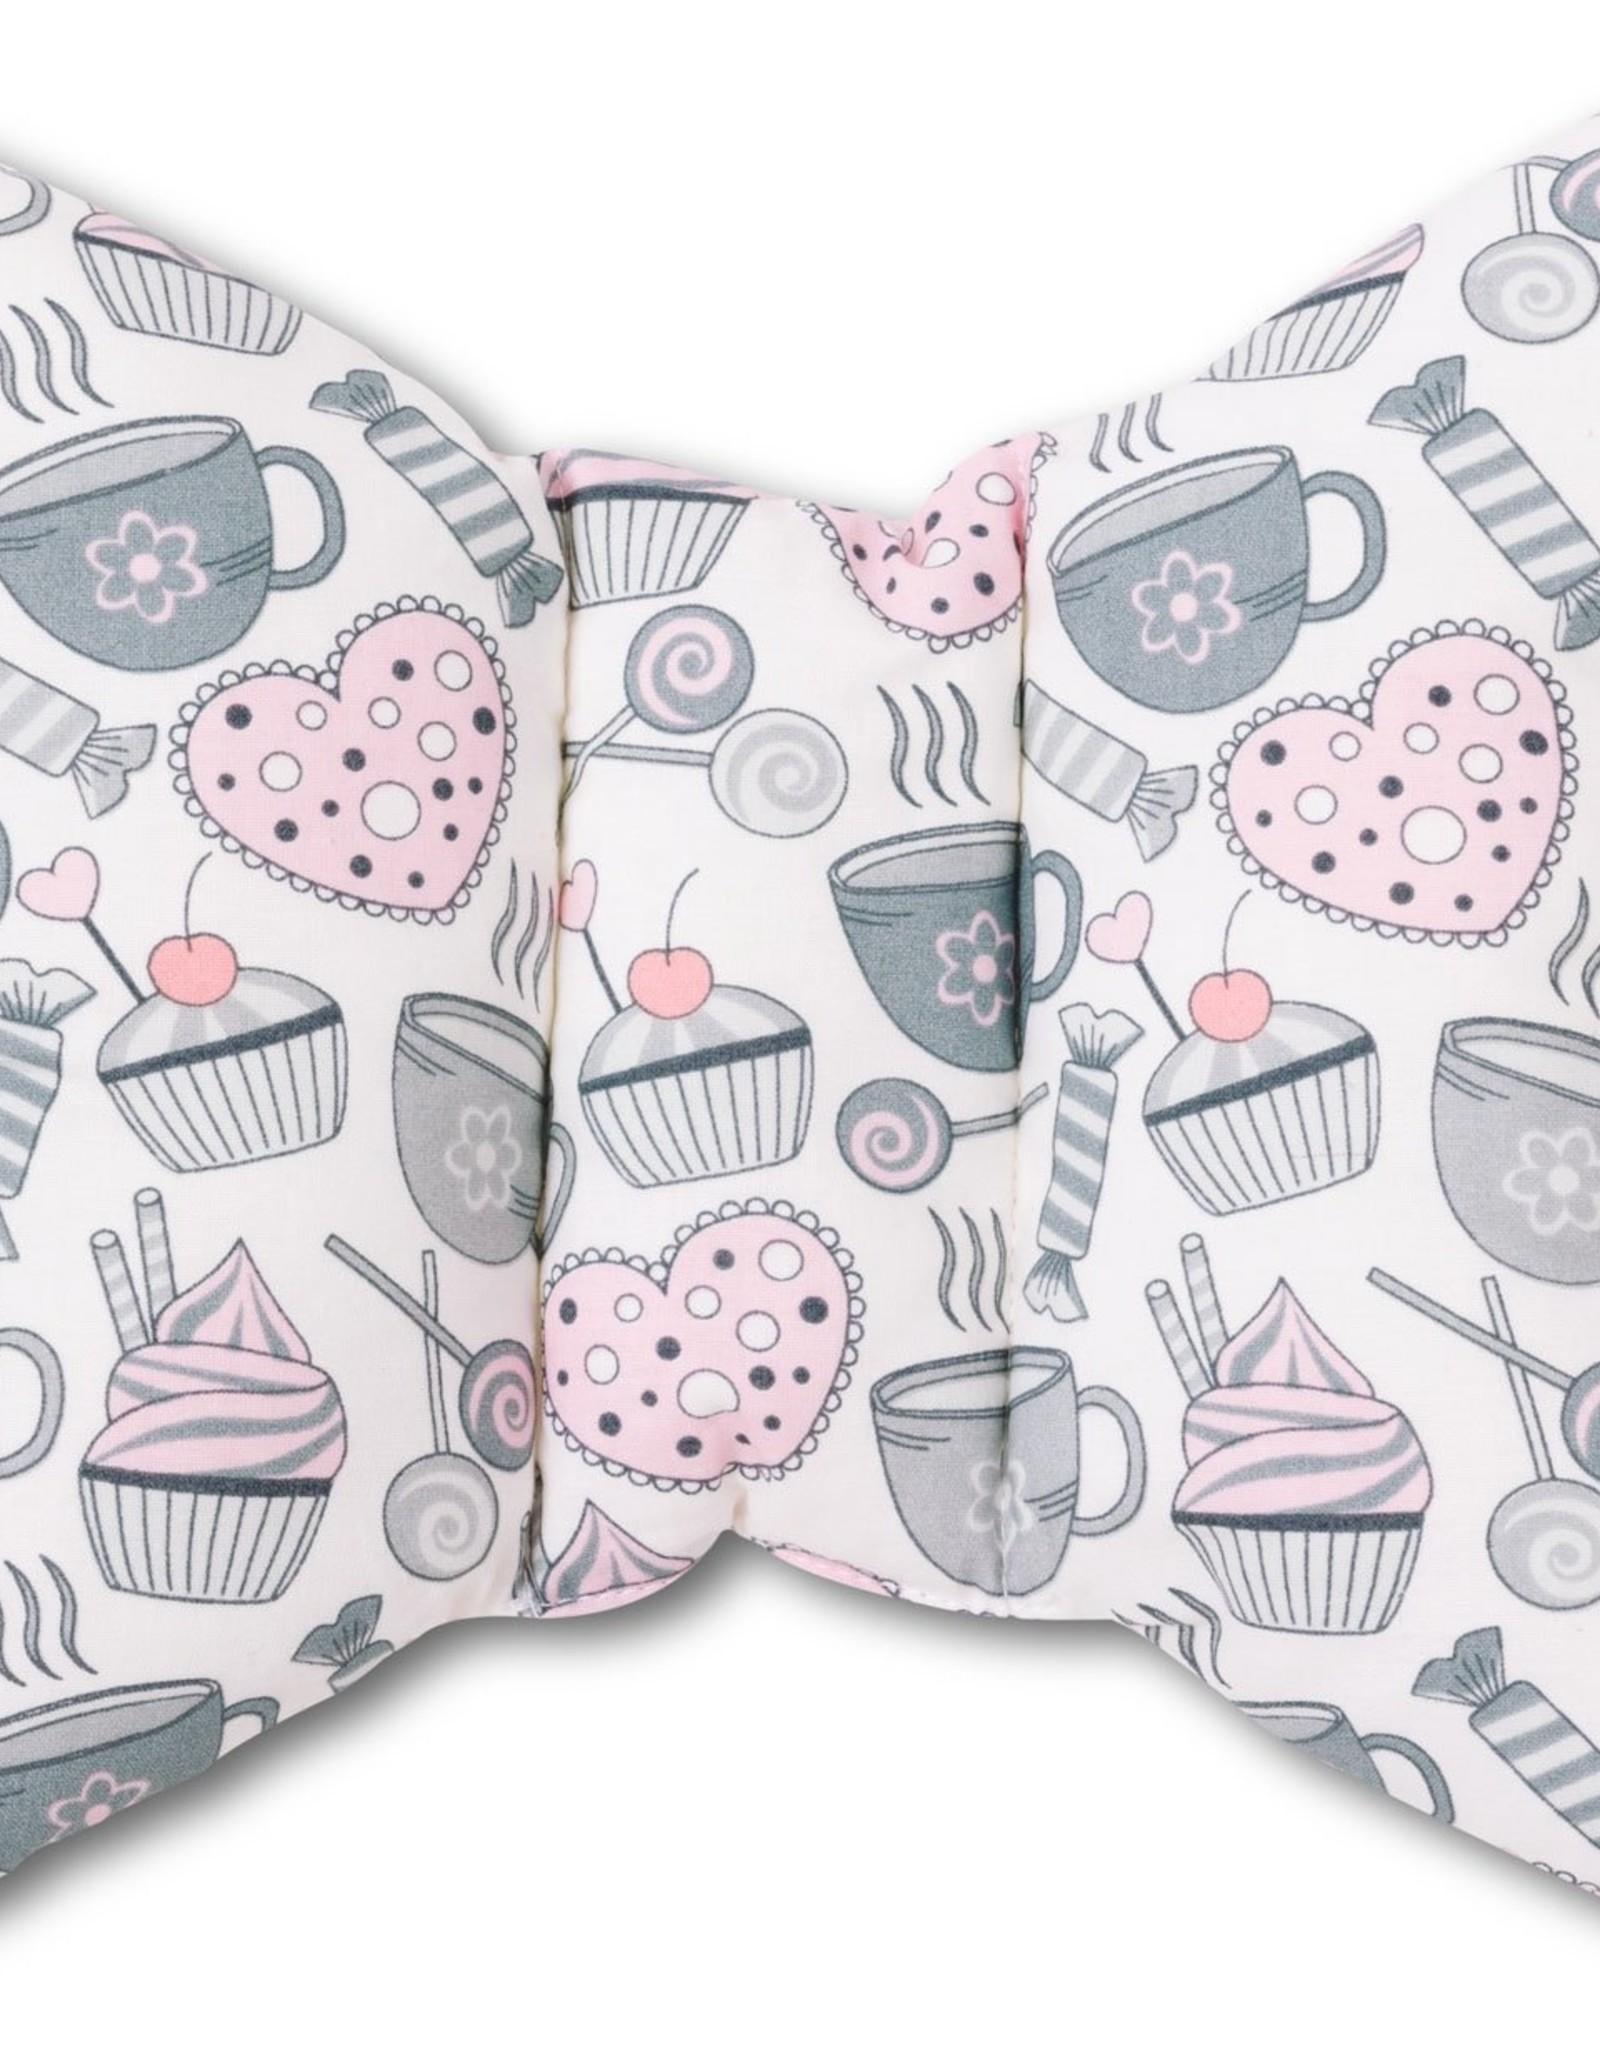 Baby nest set -  Muffin break